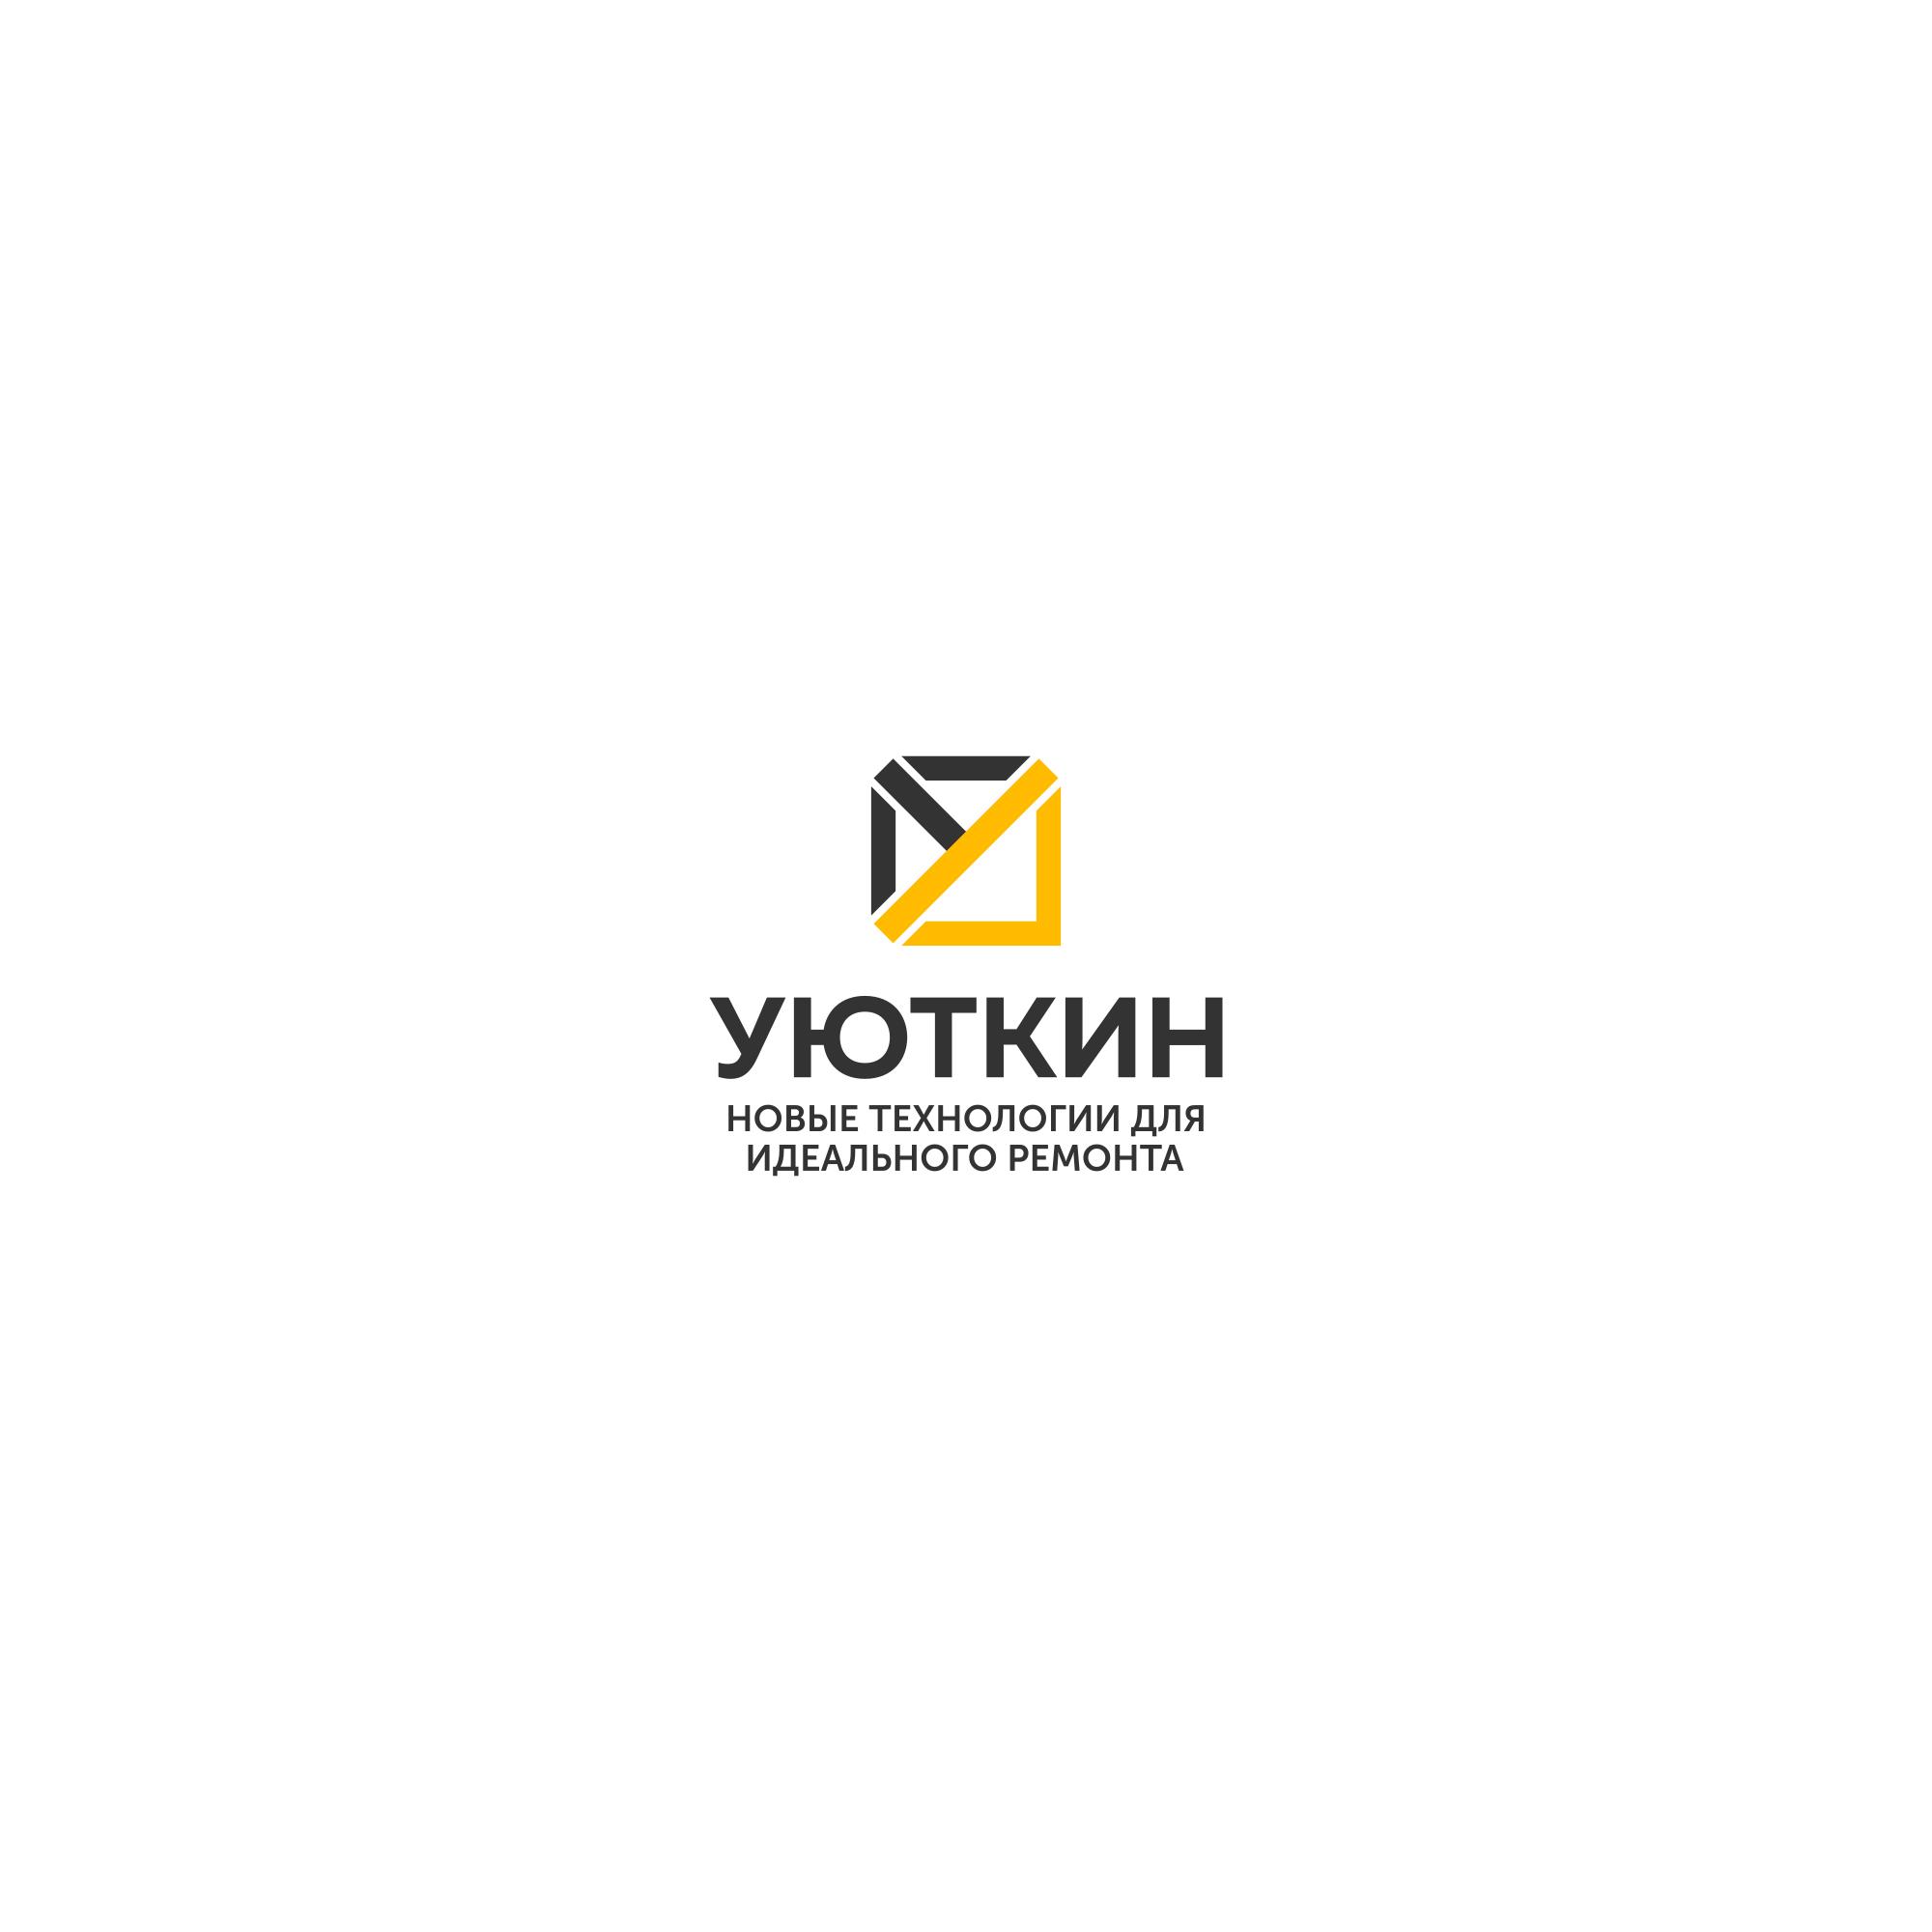 Создание логотипа и стиля сайта фото f_7215c63df839ced2.png